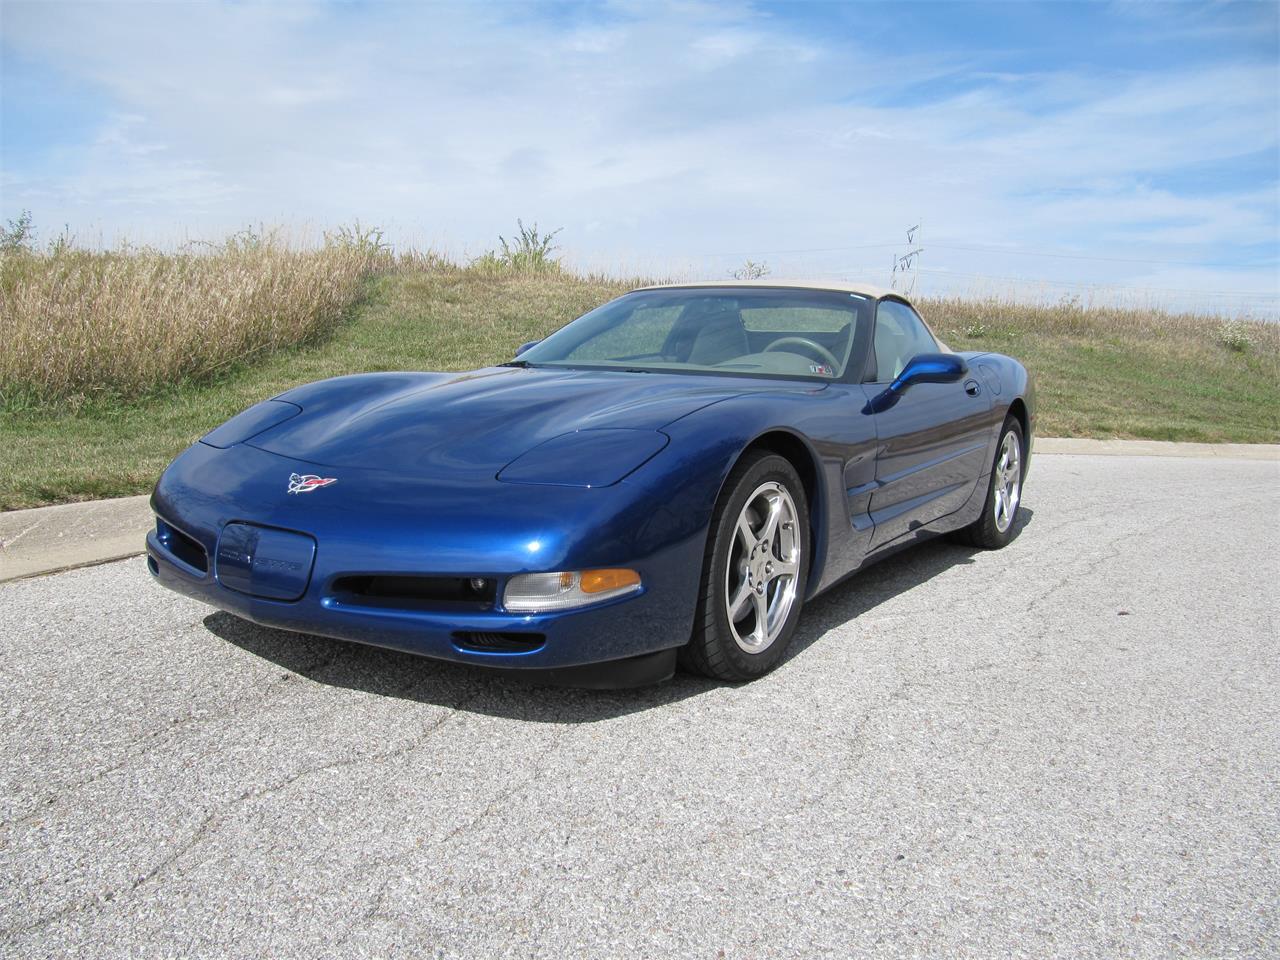 2004 Chevrolet Corvette (CC-1410752) for sale in Omaha, Nebraska